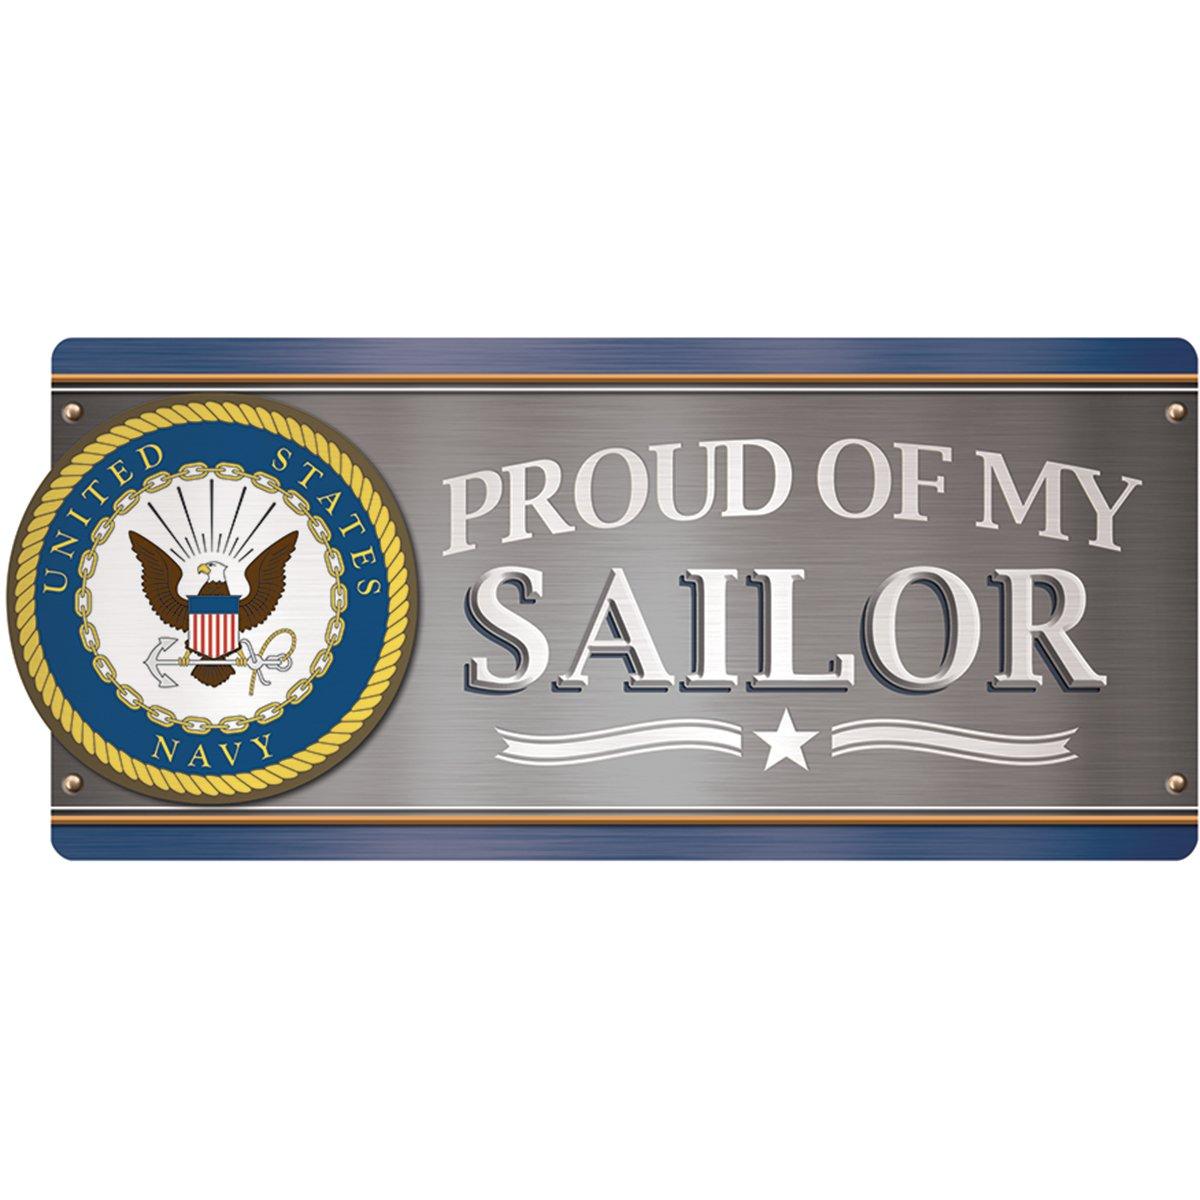 Paper House-Magnete da auto, con chiusura magnetica, colore: blu Navy, U.S. orgoglioso della mia Sailor MCAR-1057E